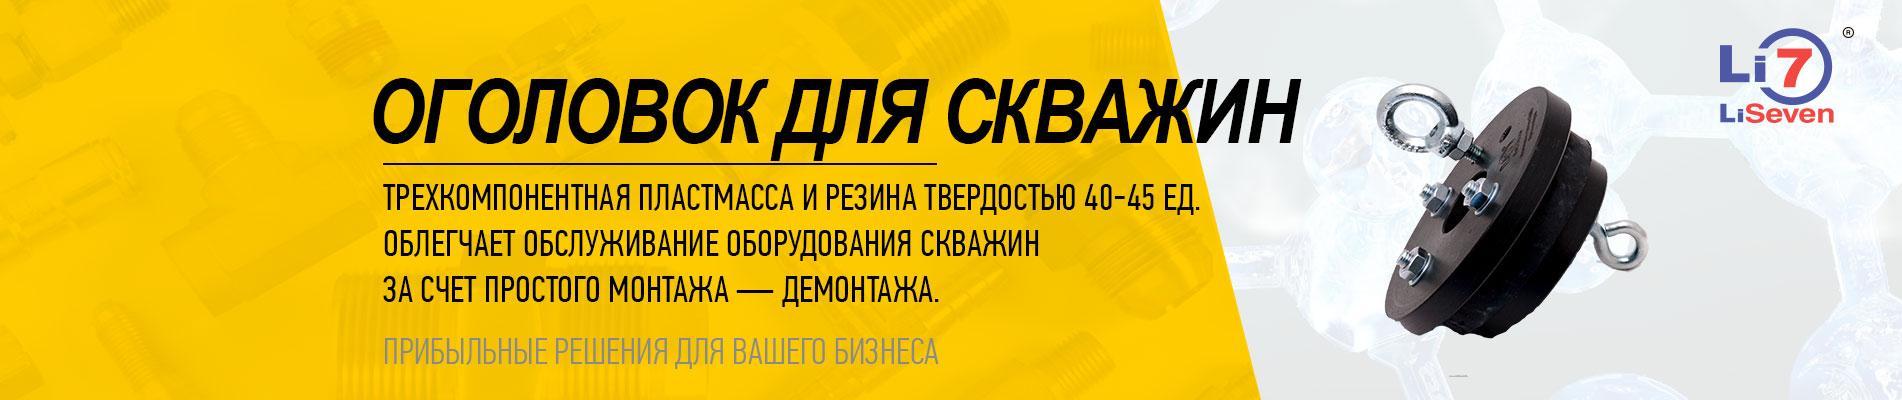 Ogolovok